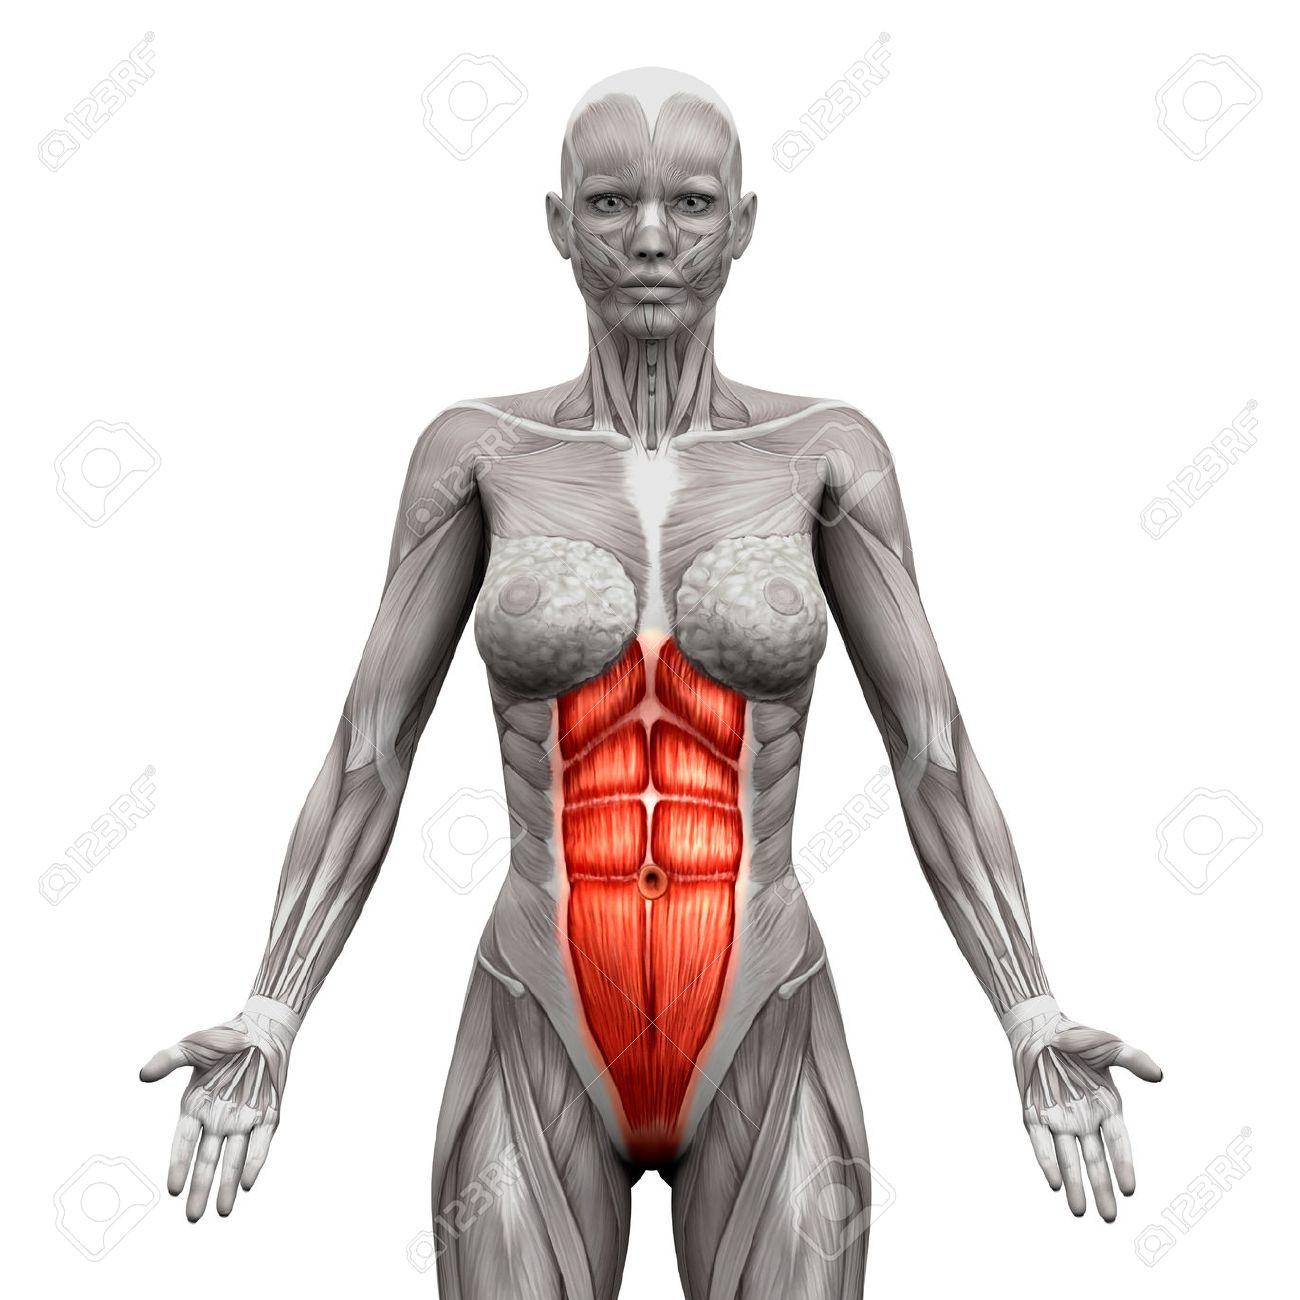 Recto Abdominal - Músculos Abdominales - Músculos Anatomía Aislados ...